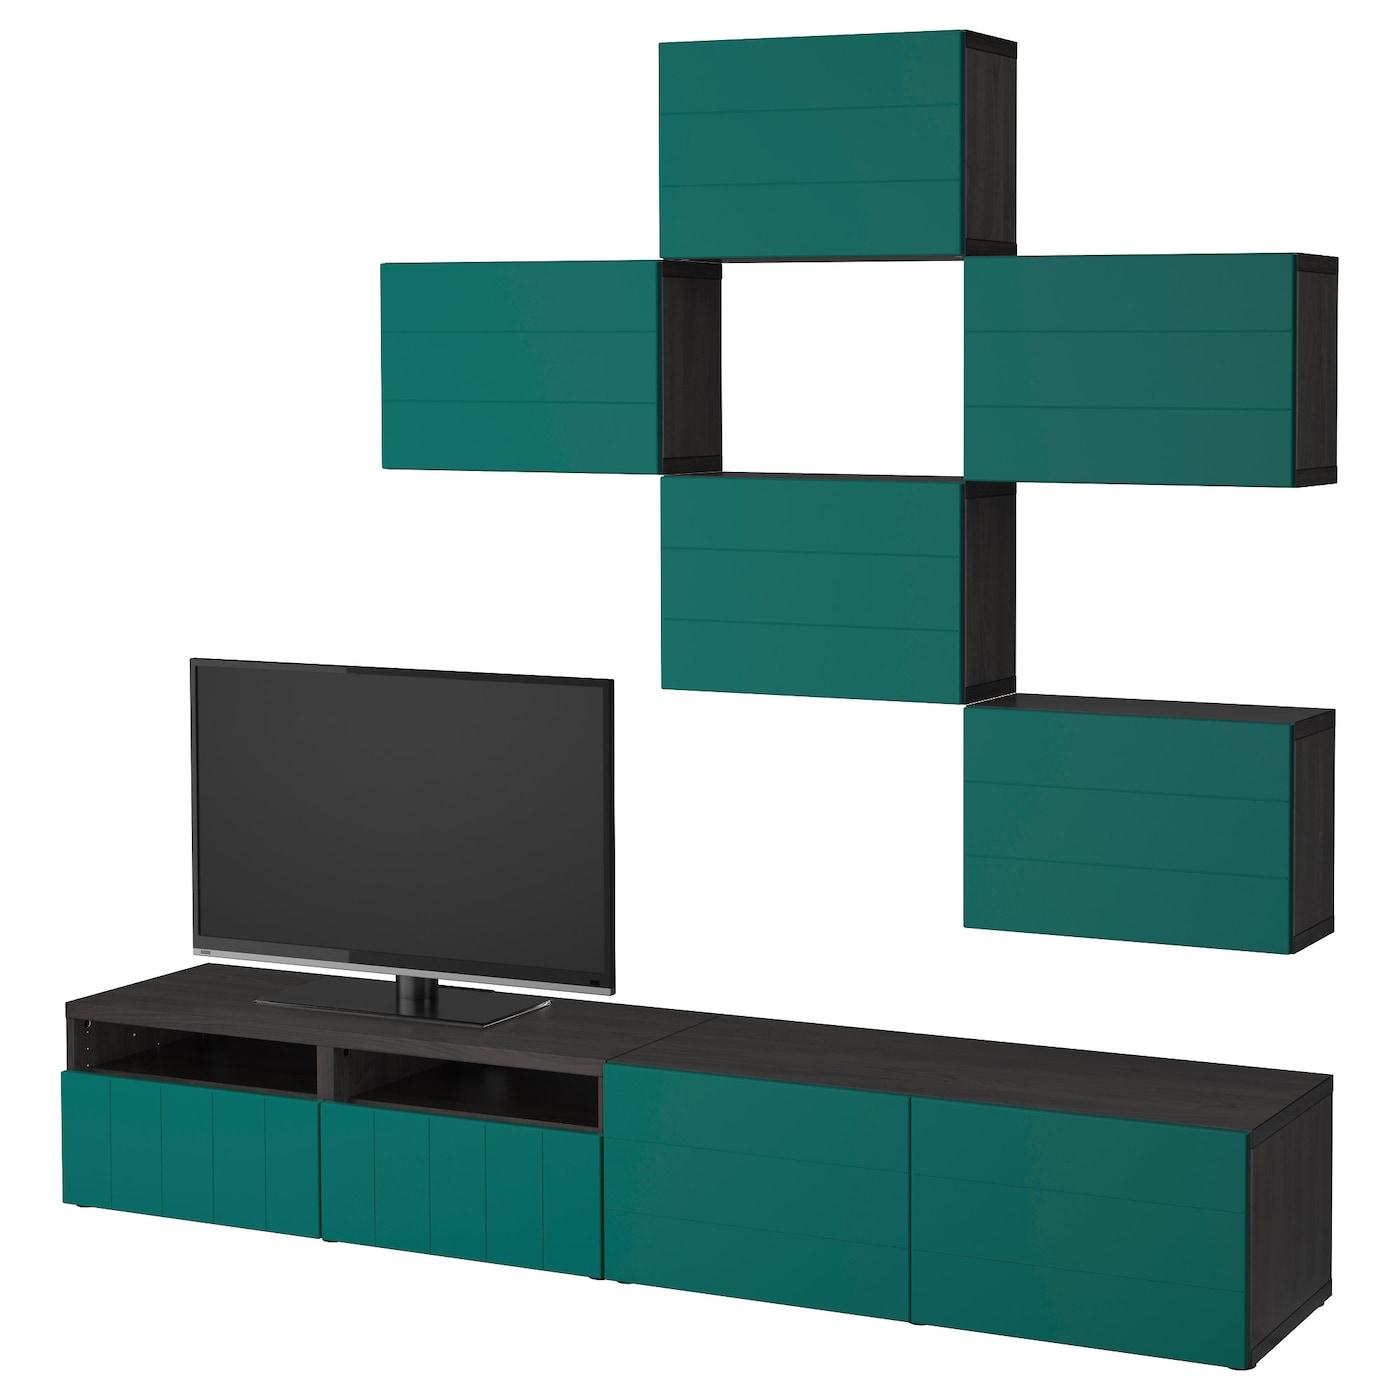 Best Combinaison Meuble Tv Brun Noir Hallstavik Bleu Vert 240×20  # Meuble Tv Vert